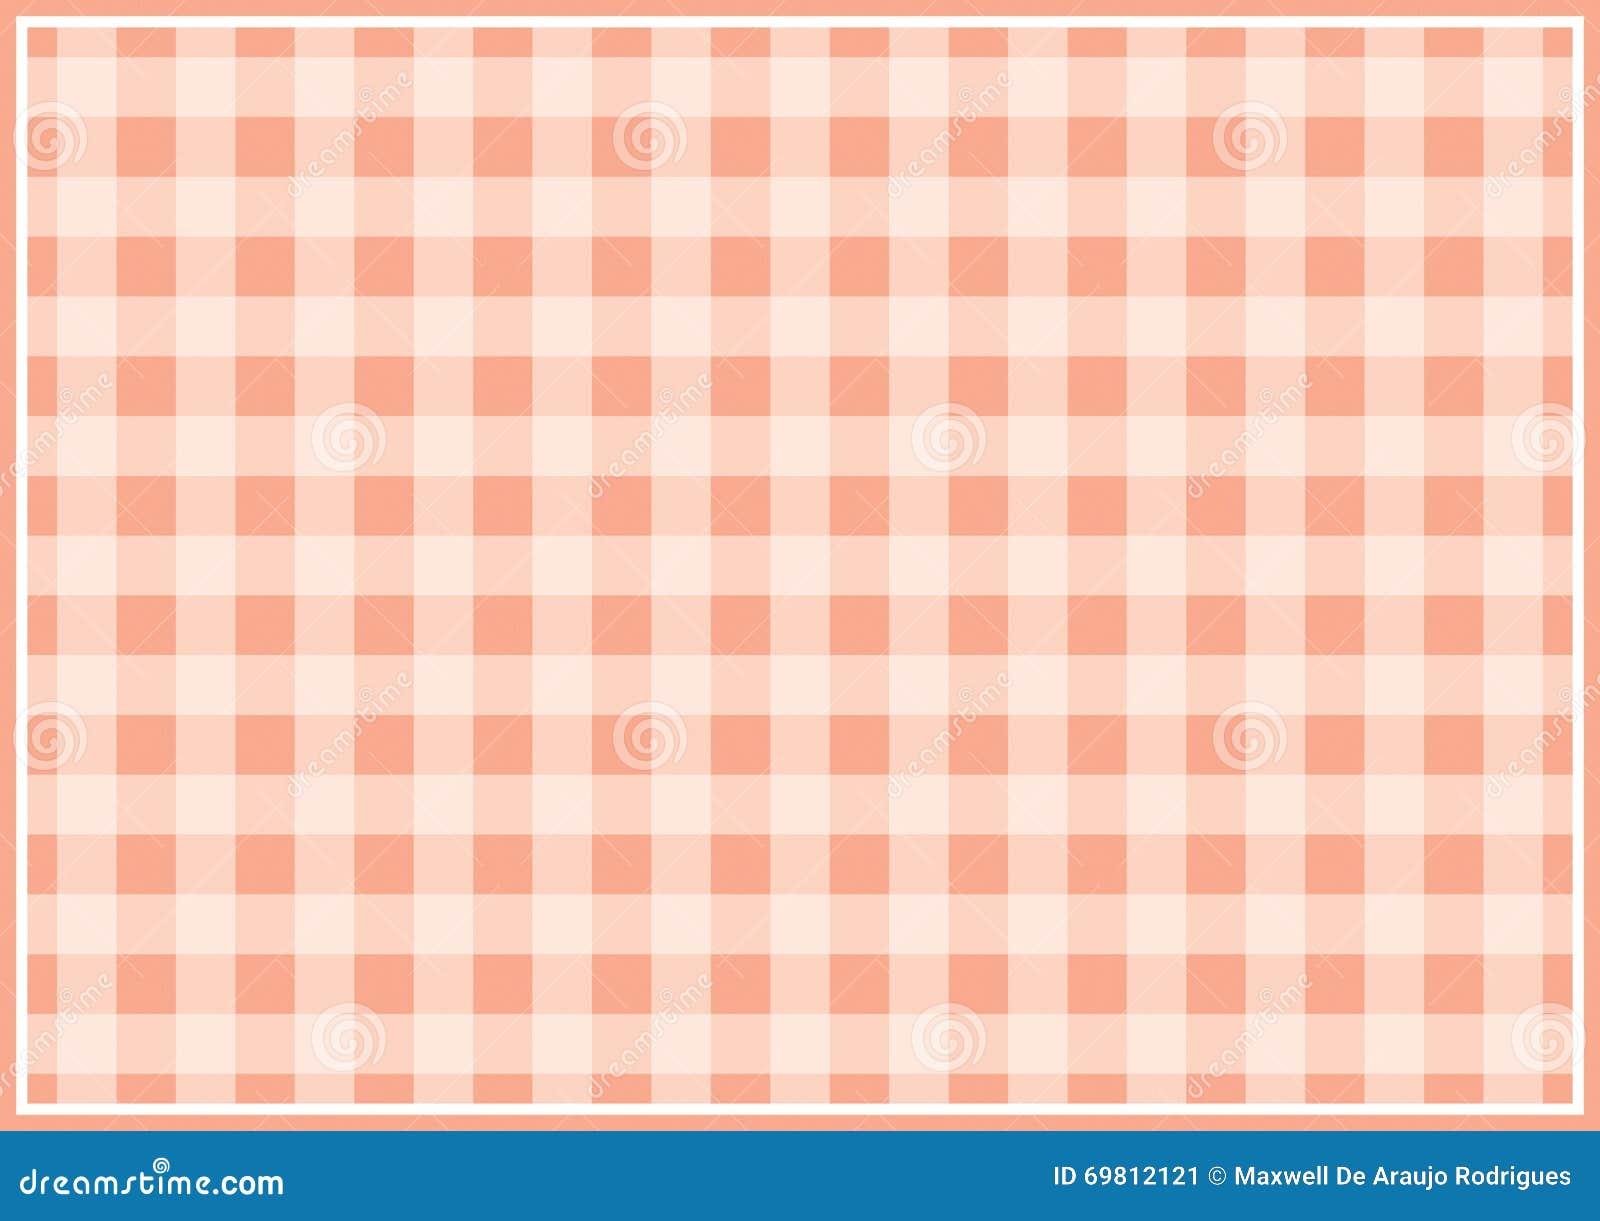 Fundo chequered vermelho